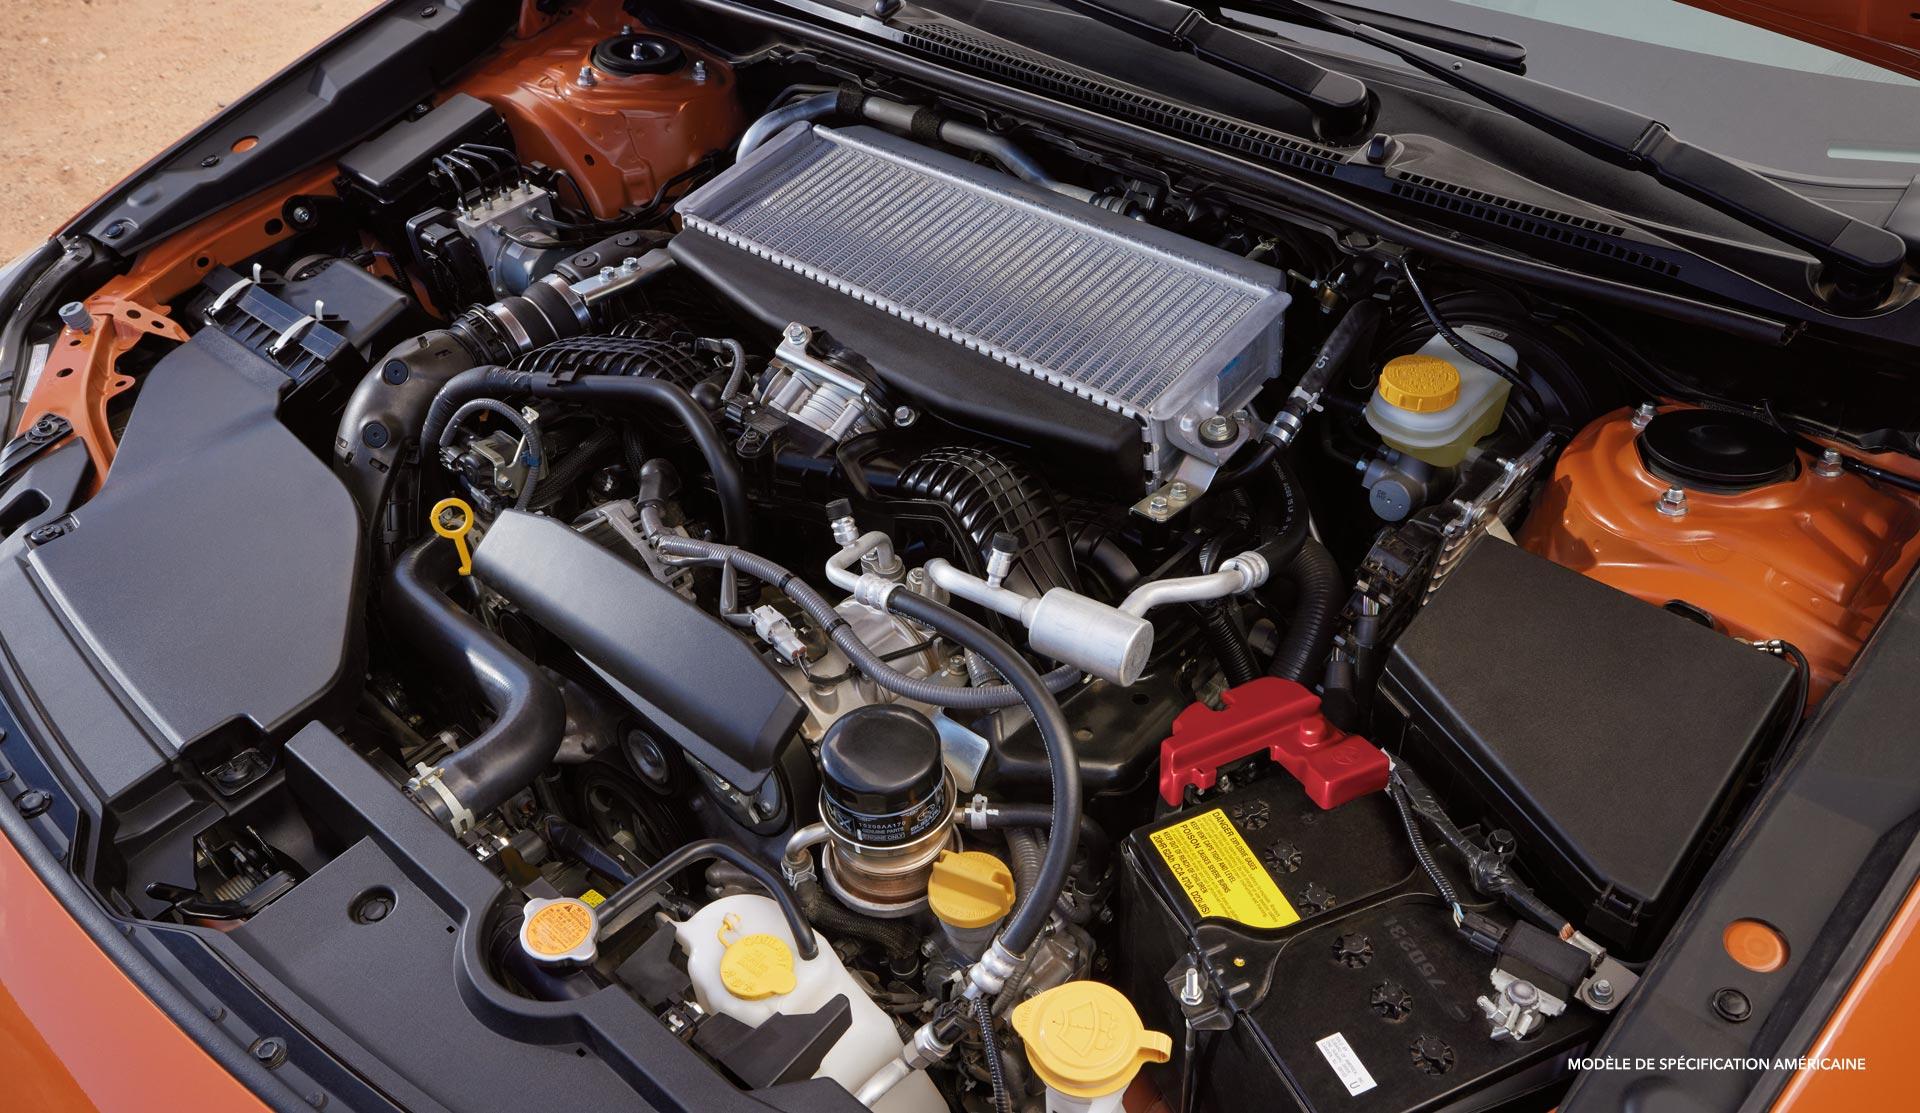 Le tout nouveau moteur BOXER turbo. Source: https://www.subaru.com/2022-wrx